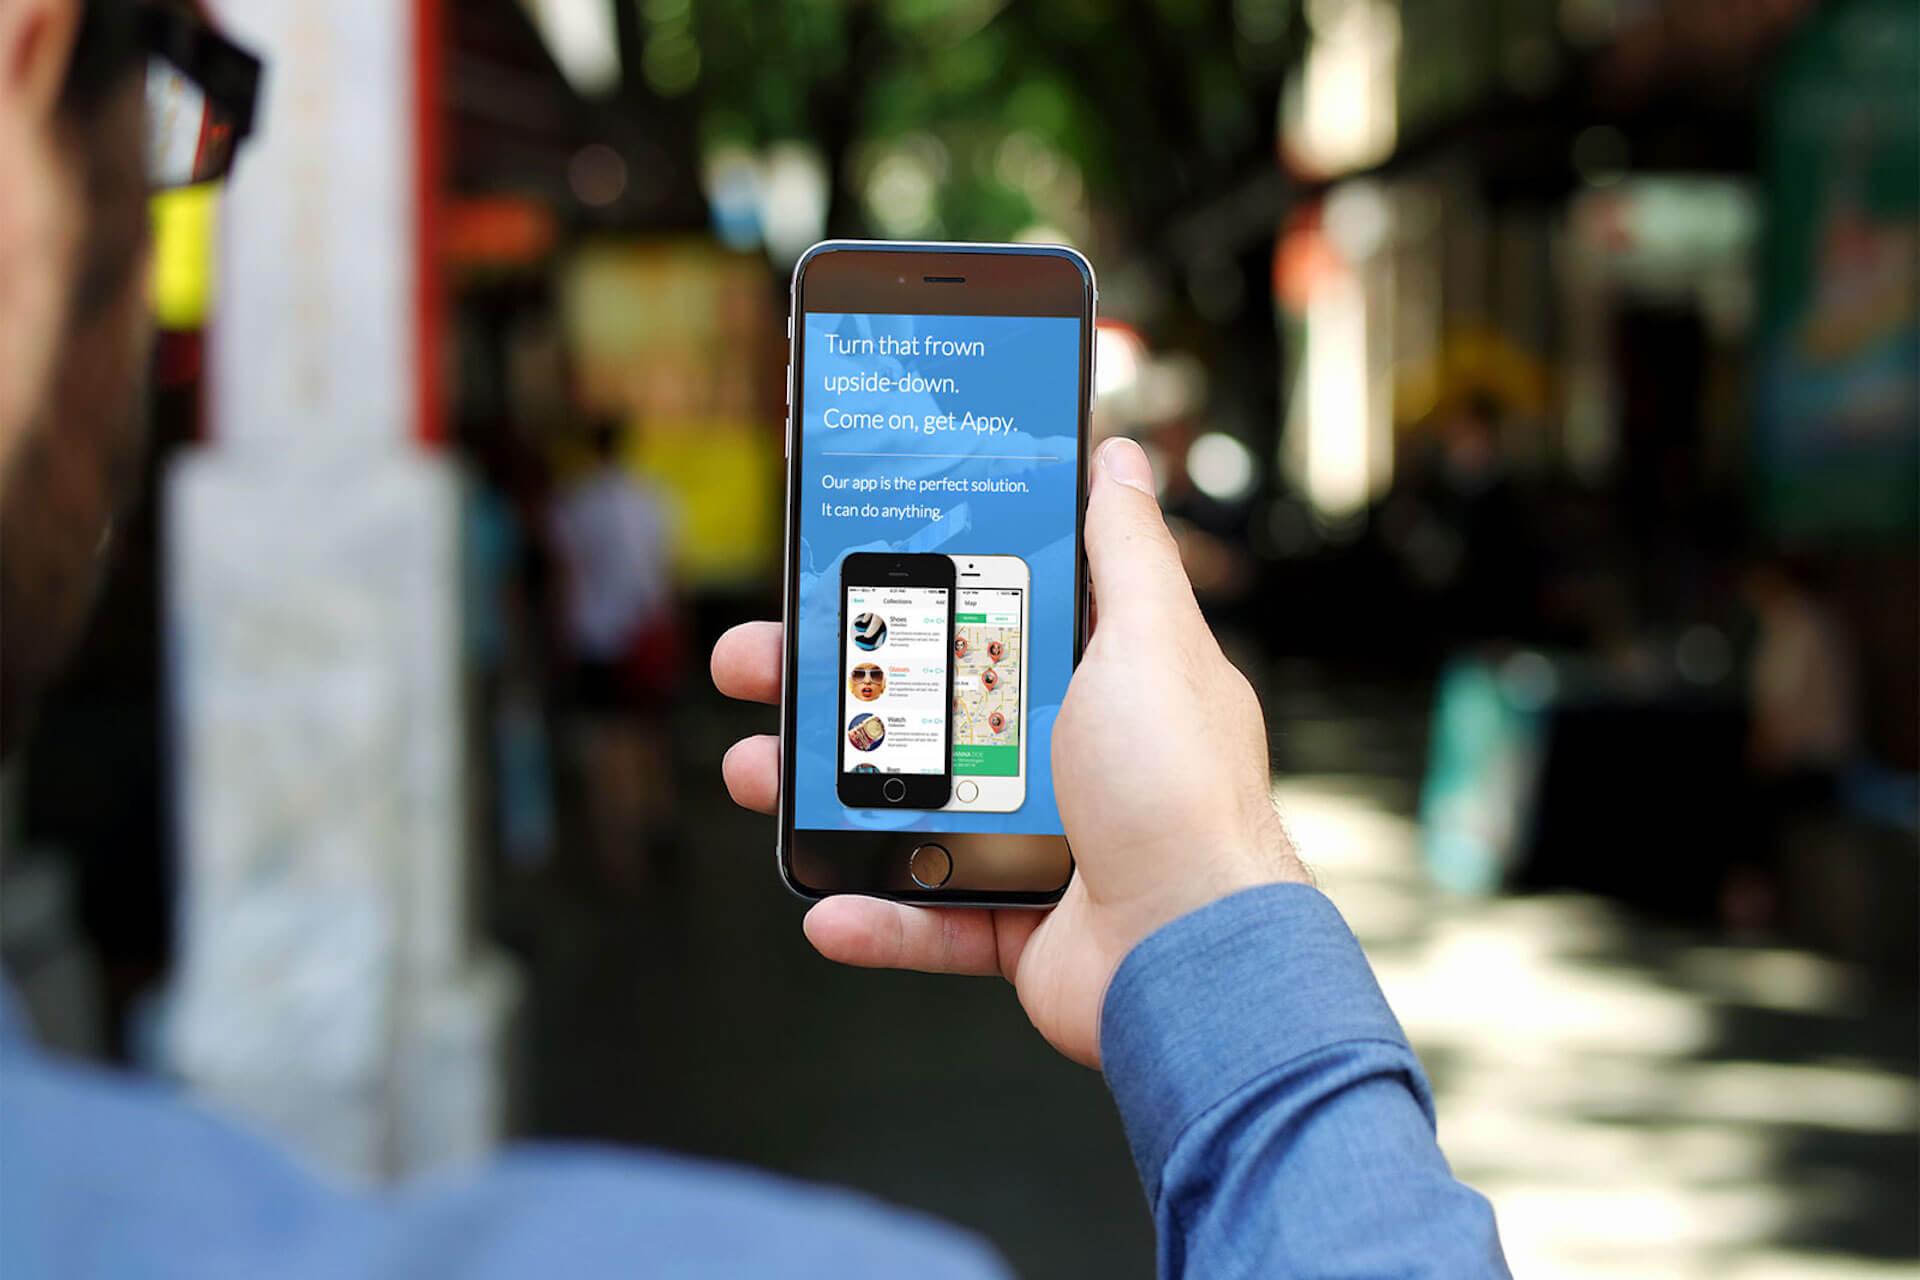 苹果Apple Card实体卡展示,外观简洁钛合金制作重要信息存于电子钱包,支付返现